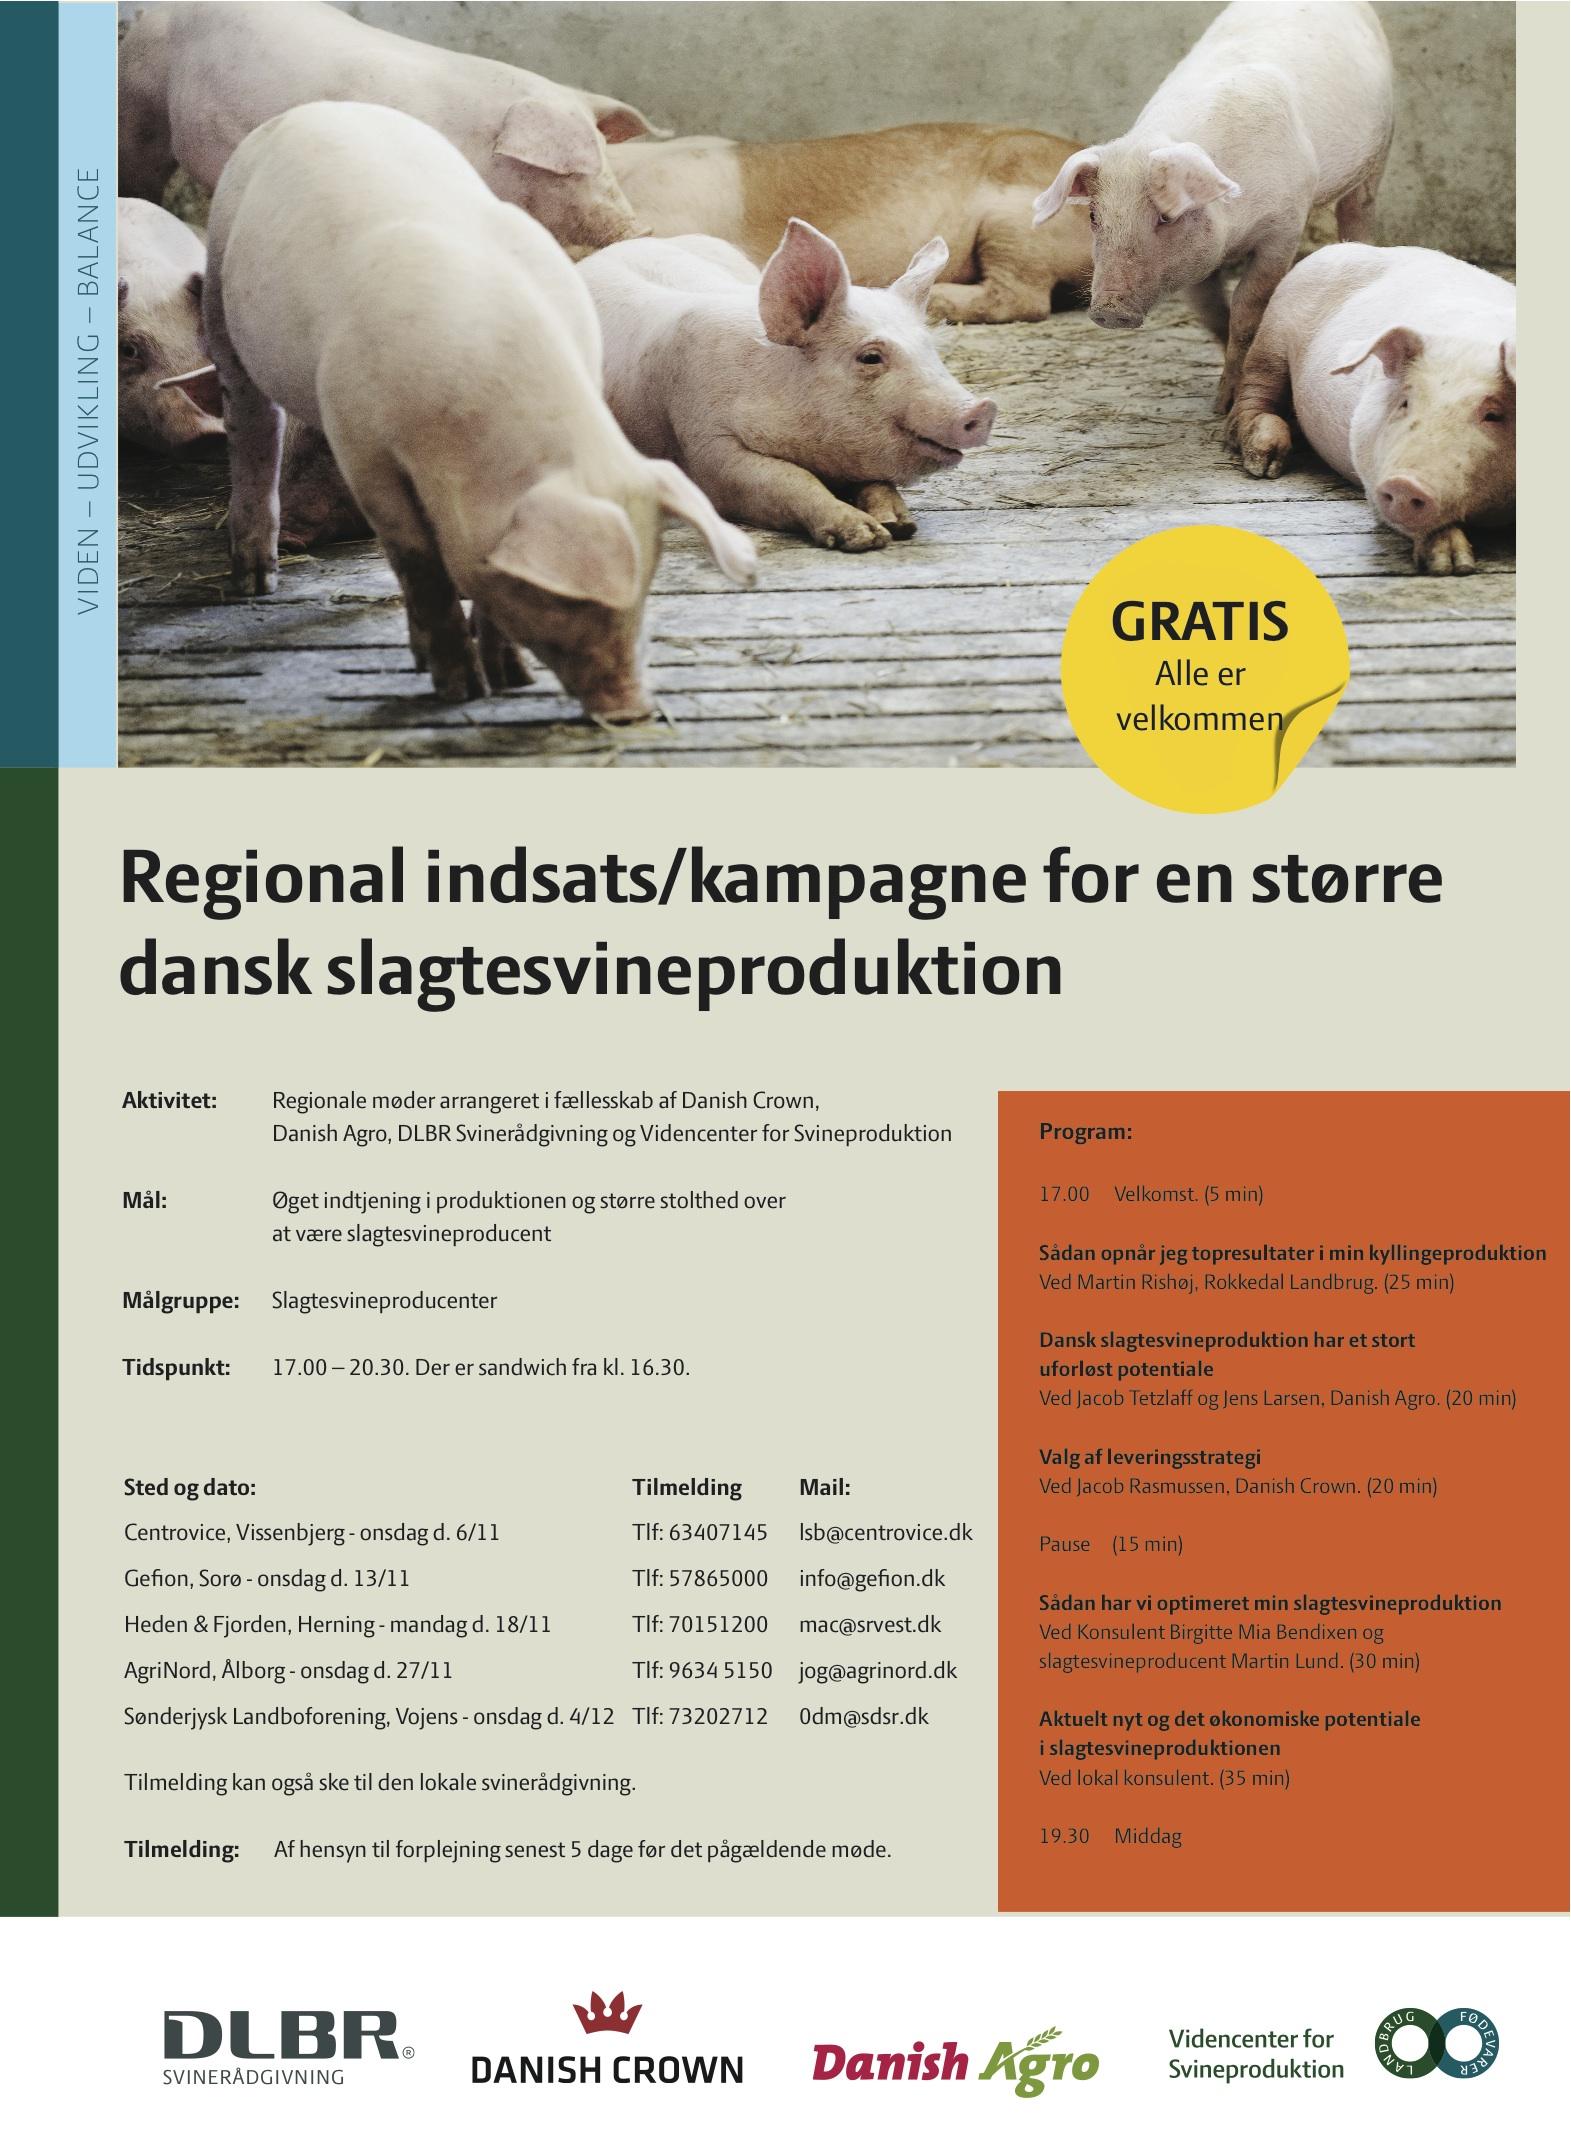 Regionale_moeder_endelig_annonce_den_2013-10-11-1